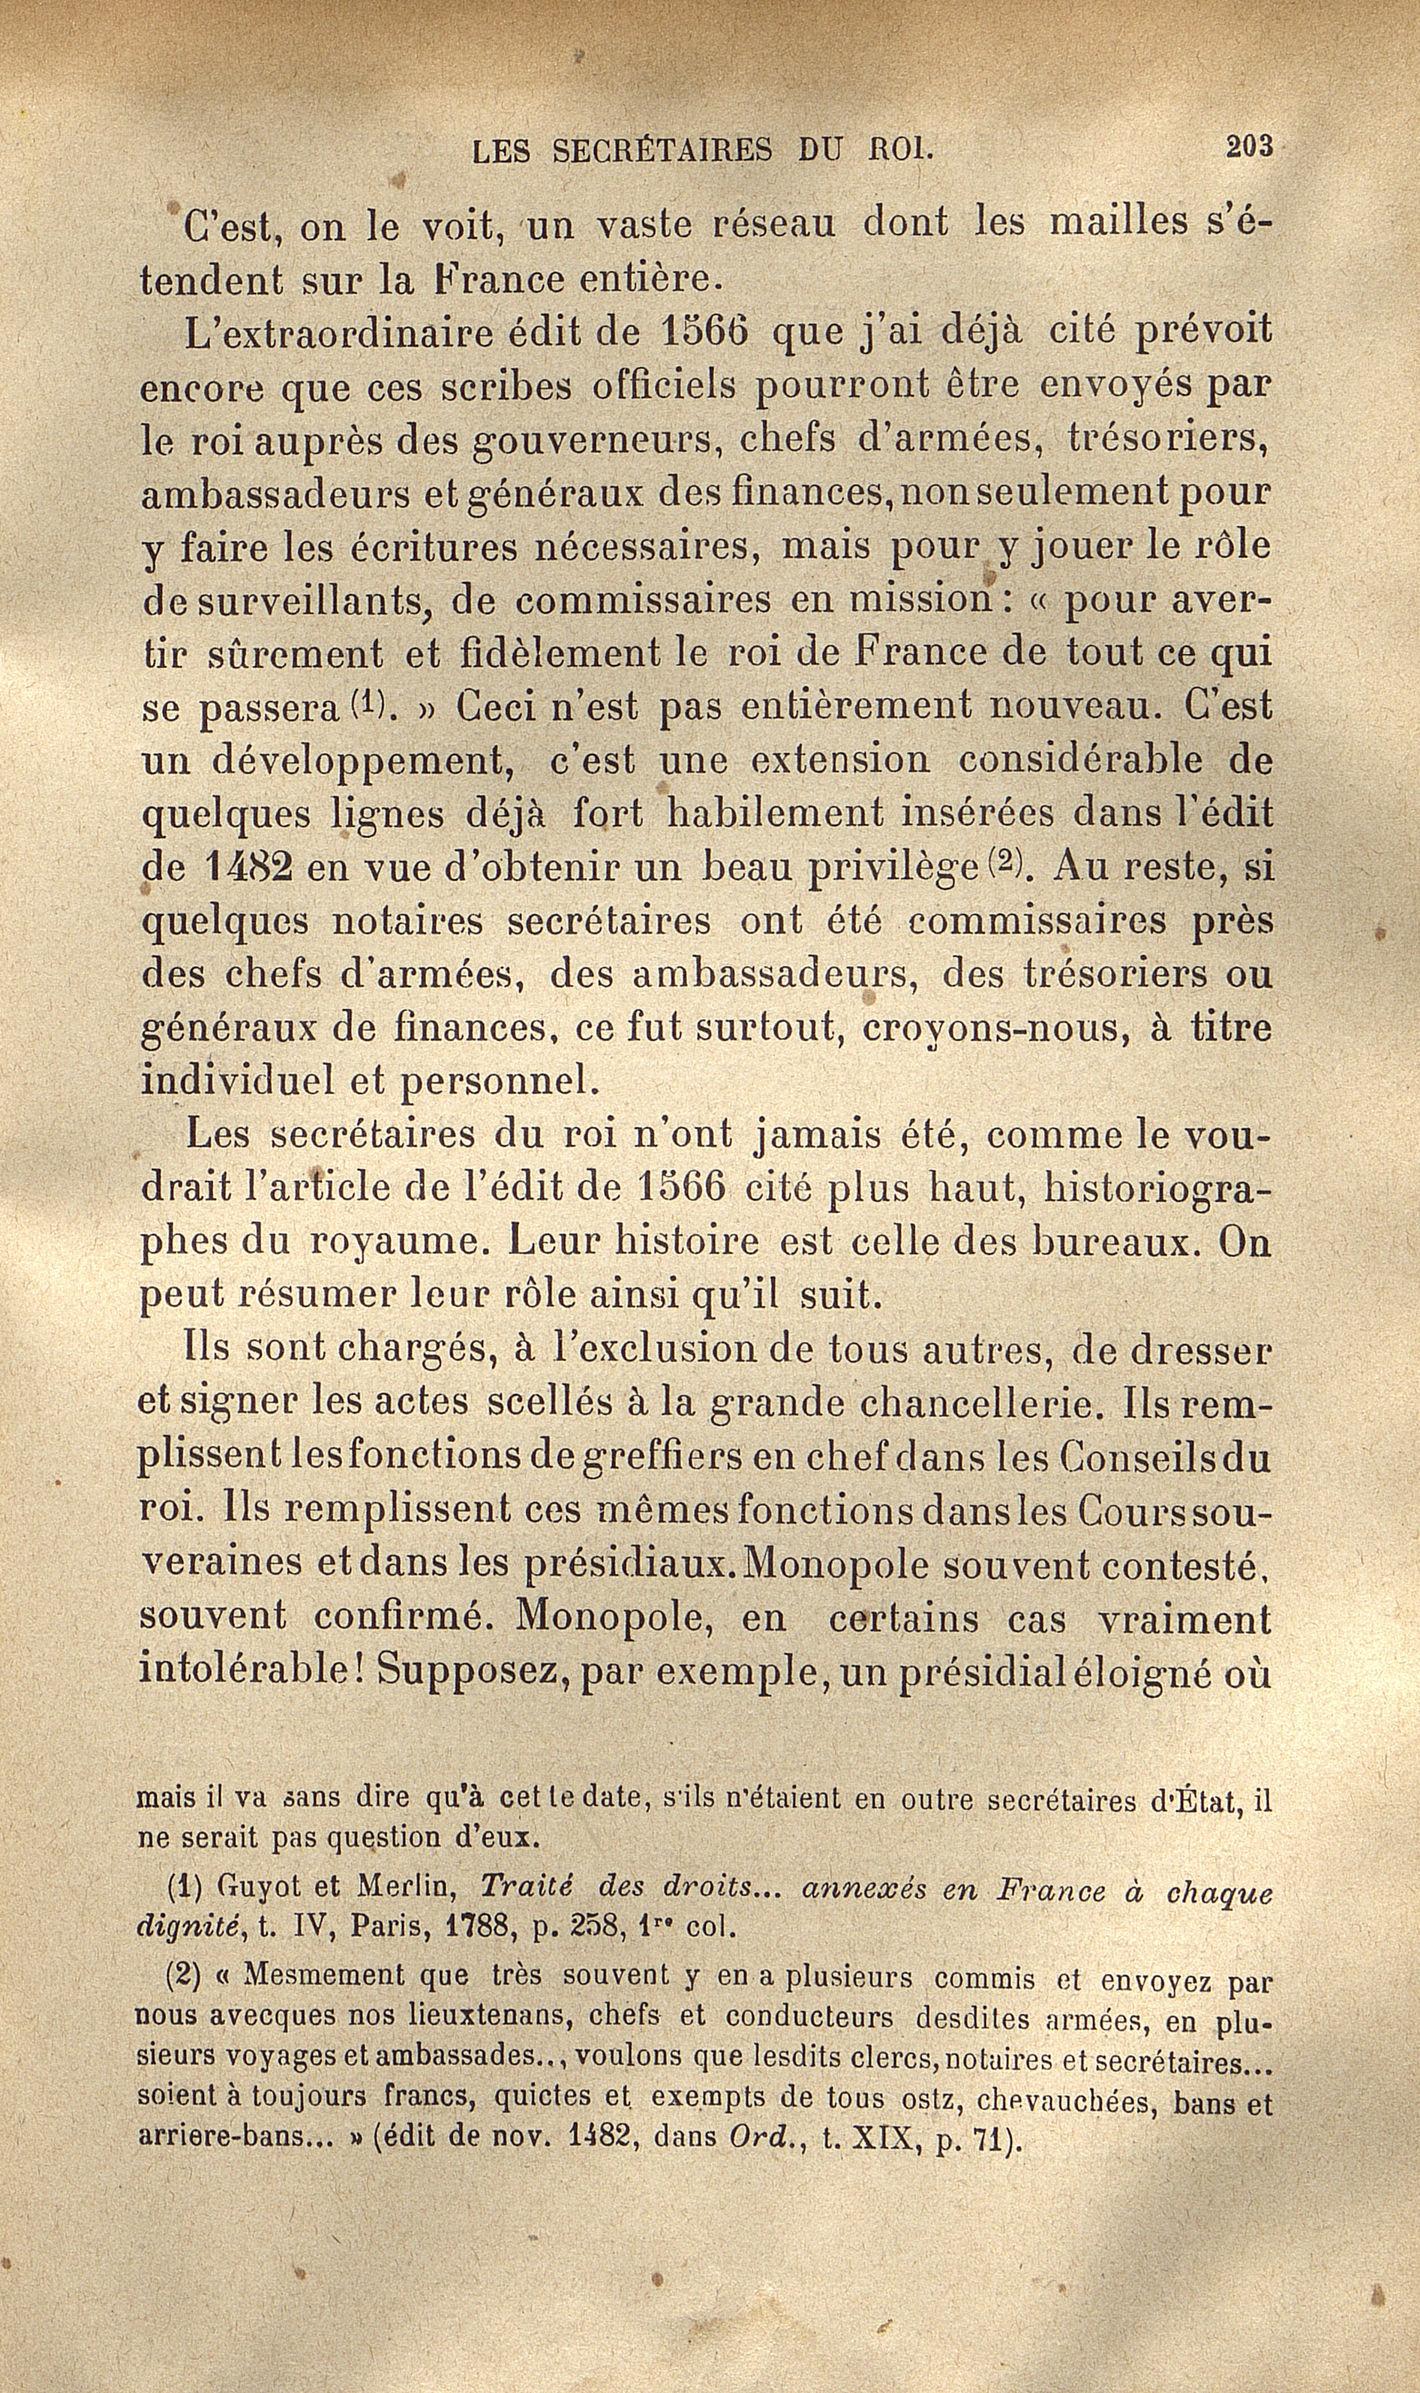 http://expo-paulviollet.univ-paris1.fr/wp-content/uploads/2016/02/0605381272_0217.jpg